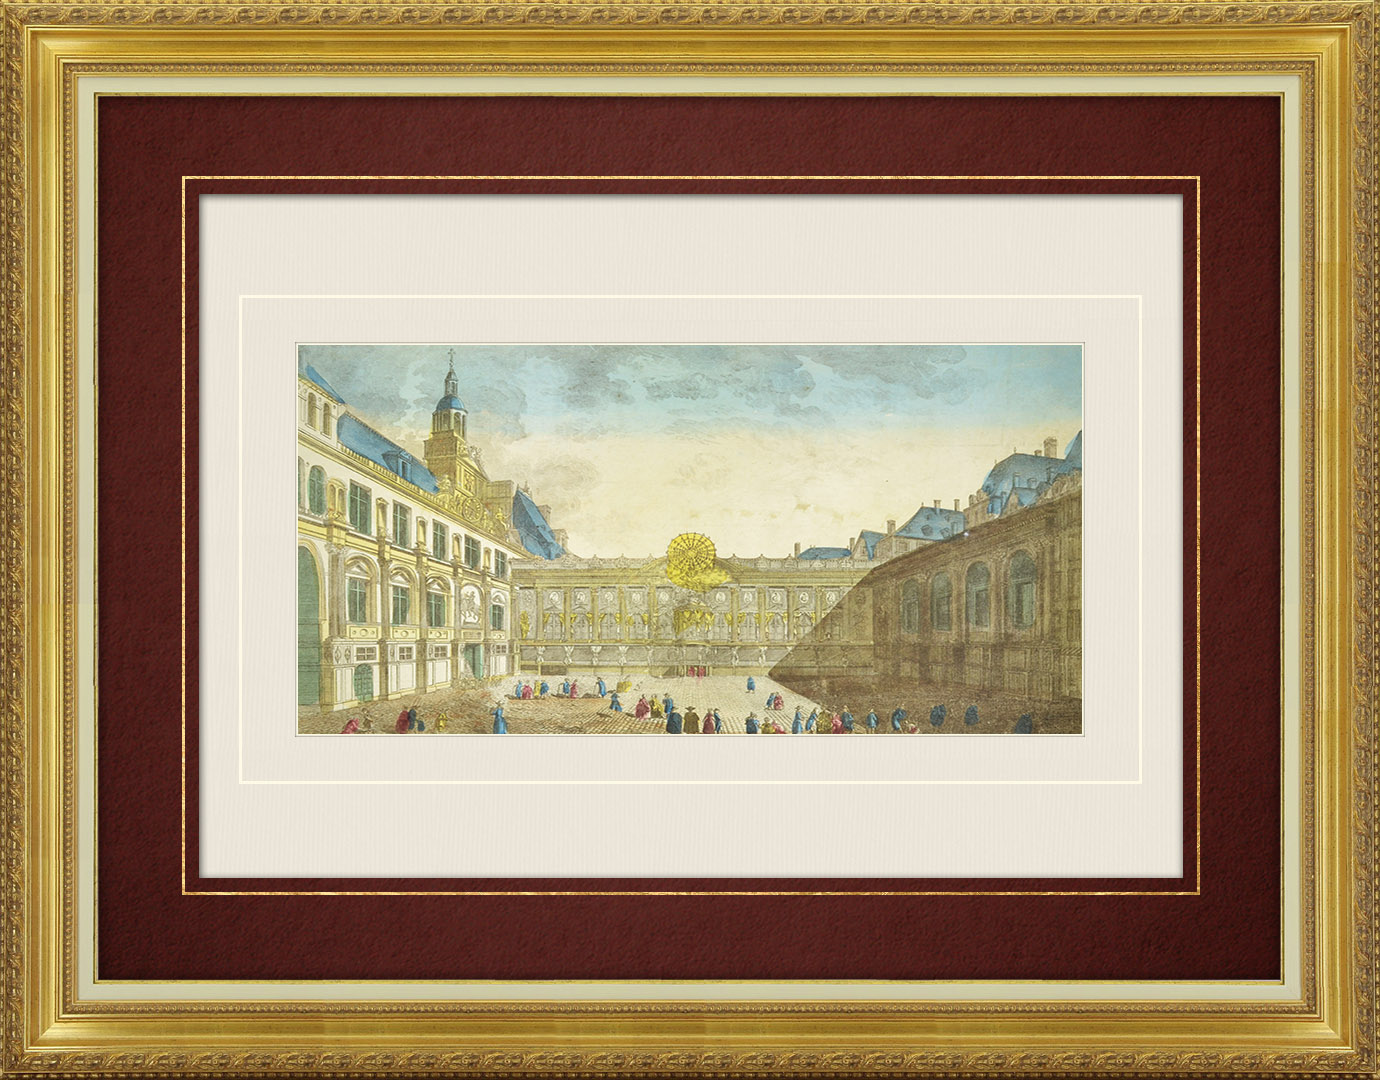 Vue d'optique du 19e siècle en coloris d'époque de la cour de l'Hôtel de Ville de Paris en 1789 (France)